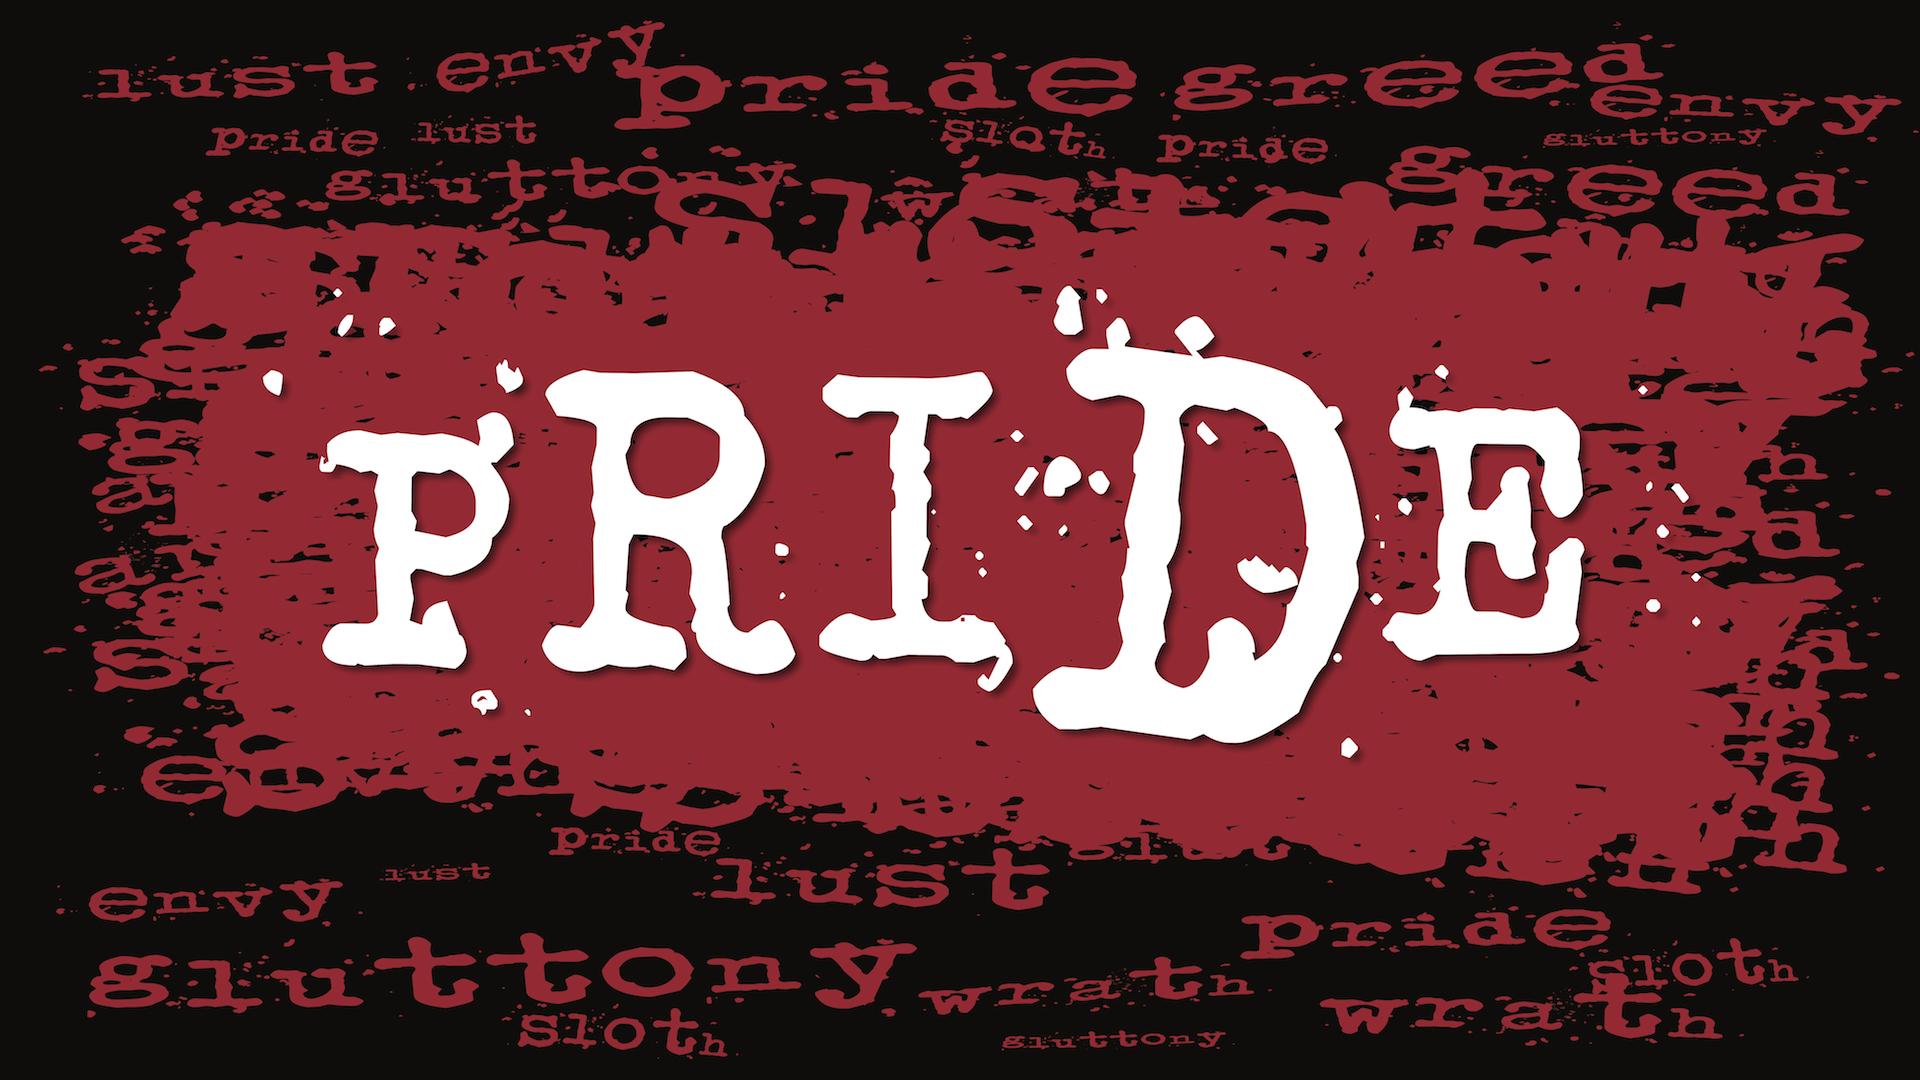 prideslide2.jpg